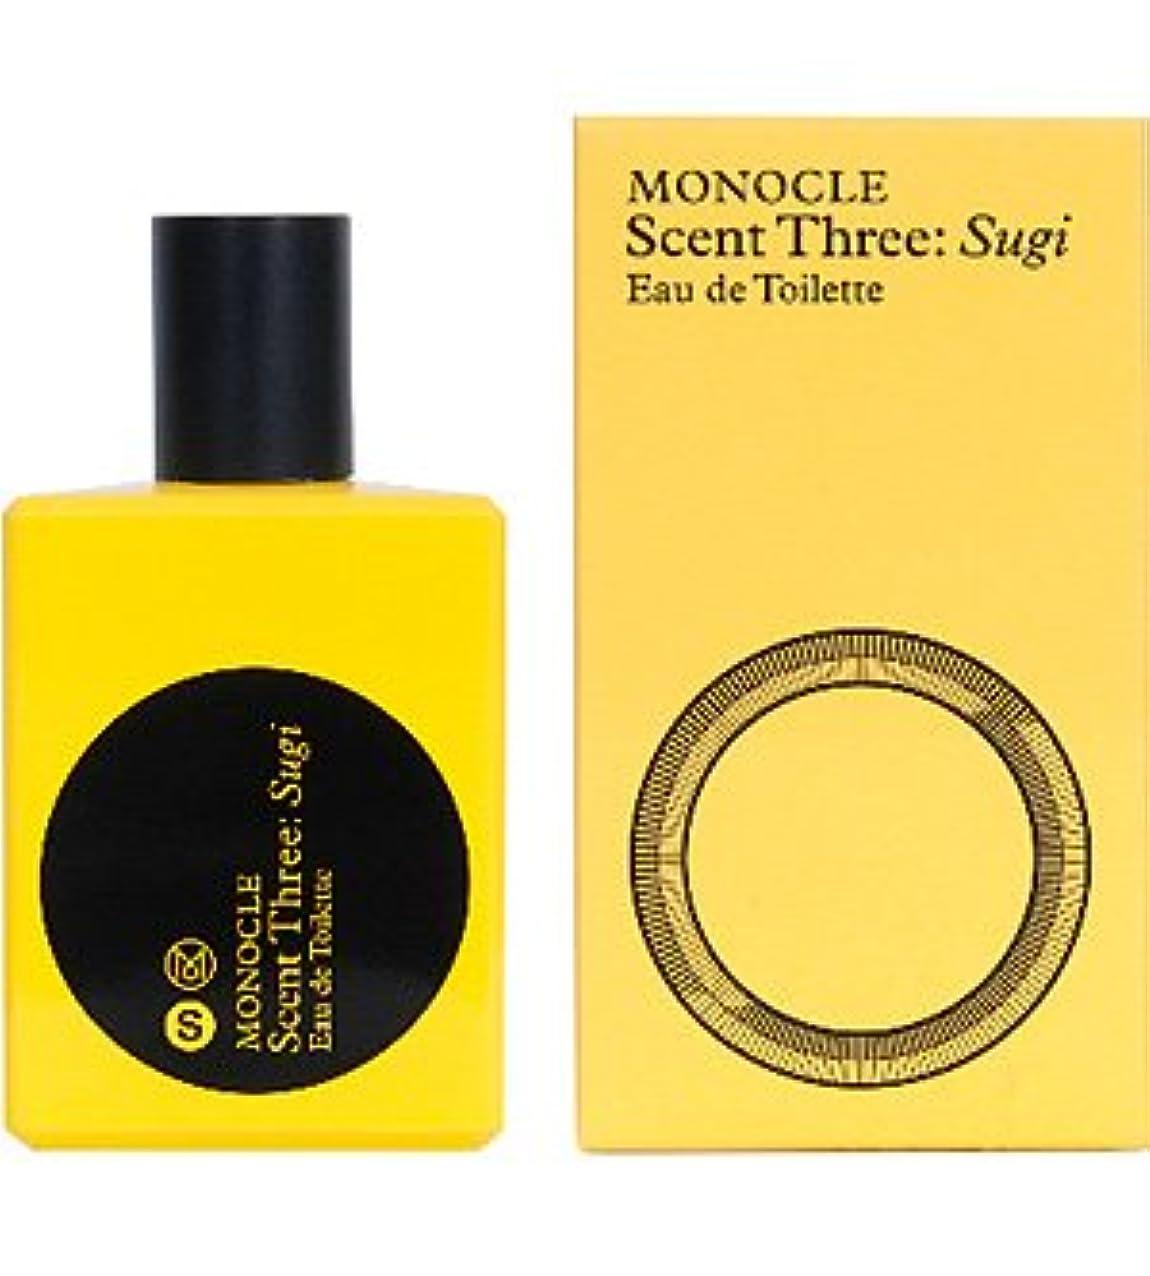 頑固なアマゾンジャングルブラウンComme des Garcons Monocle Scent Three Sugi (コムデギャルソン モノクル セント3 スギ) 1.7 oz (50ml) EDT Spray for Unisex